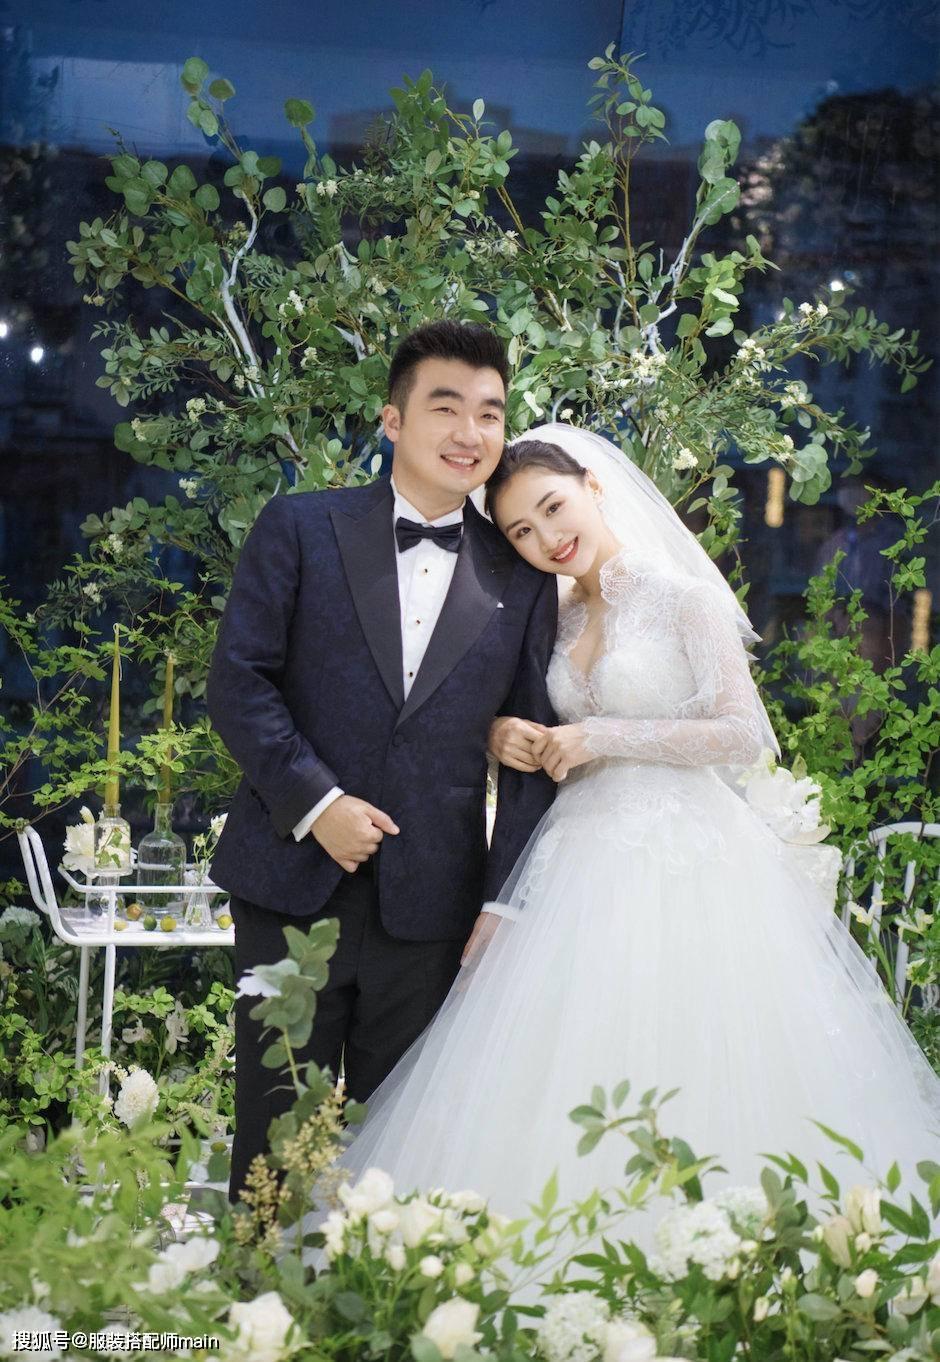 「何雯娜」配白纱有公主范儿,老公双手抱娃爸爸力十足,何雯娜穿婚纱好漂亮